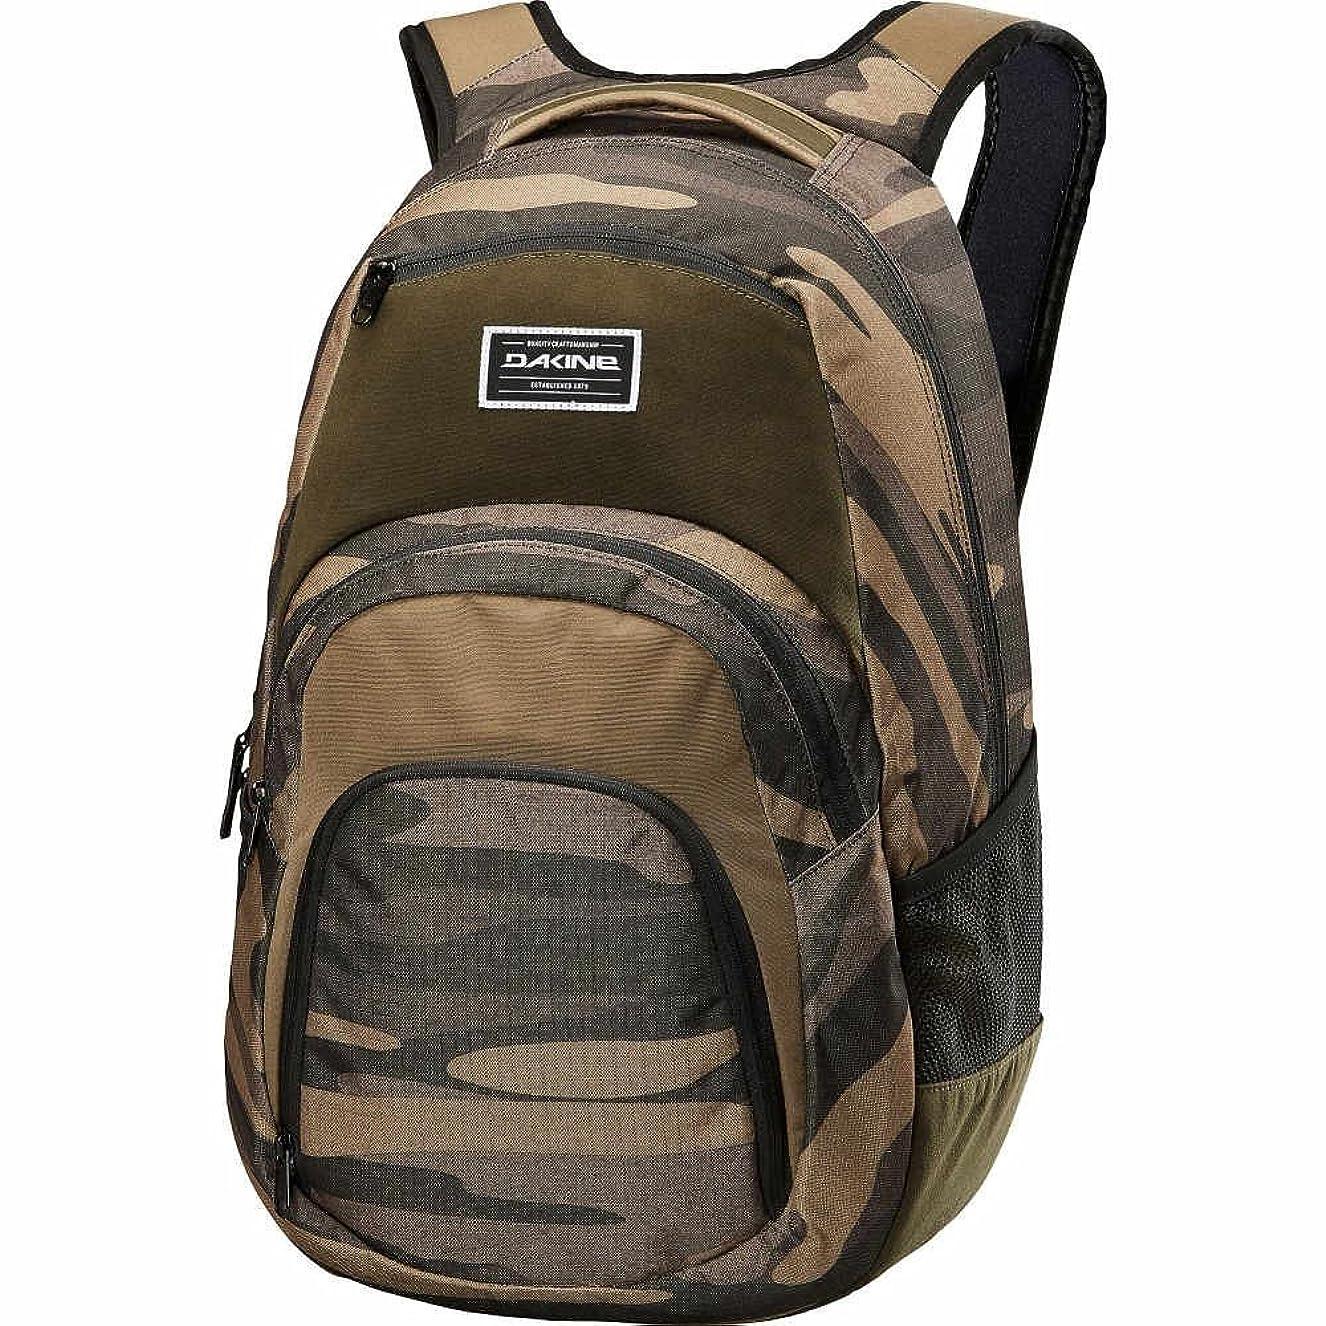 系統的モディッシュ最高(ダカイン) DAKINE メンズ バッグ パソコンバッグ Campus 33L Laptop Backpack - 15 [並行輸入品]